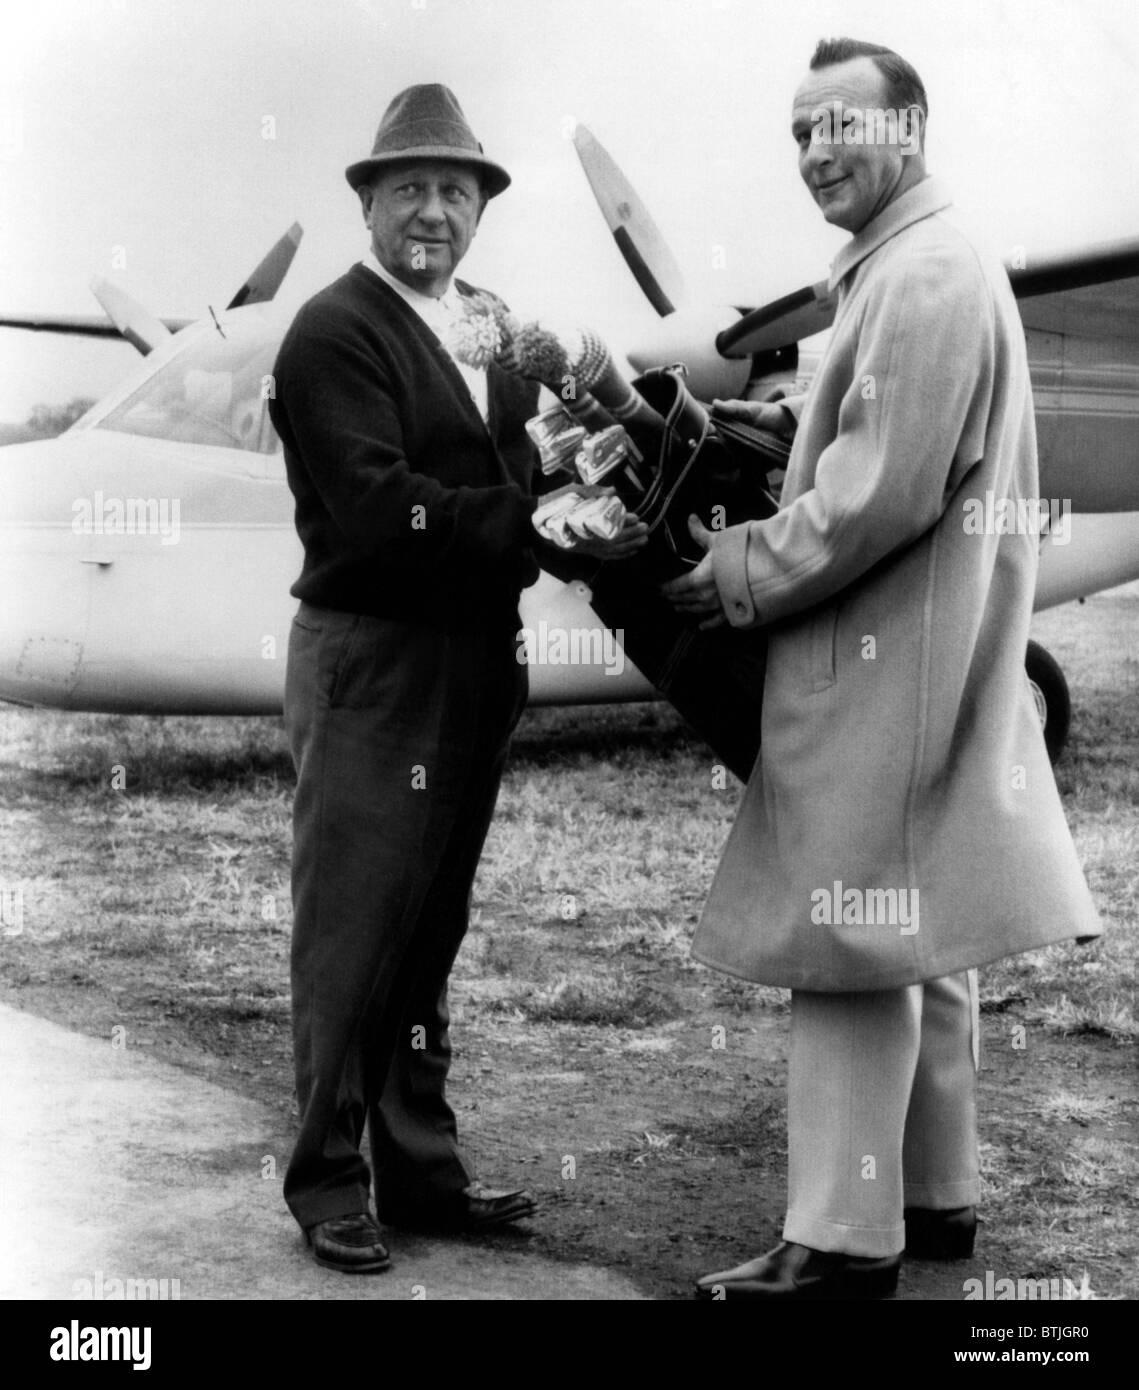 Arnold Palmer (a la derecha), el golfista estadounidense, y su padre, M.J. Palmer (izquierda), Latrobe Pennsylvania, Imagen De Stock